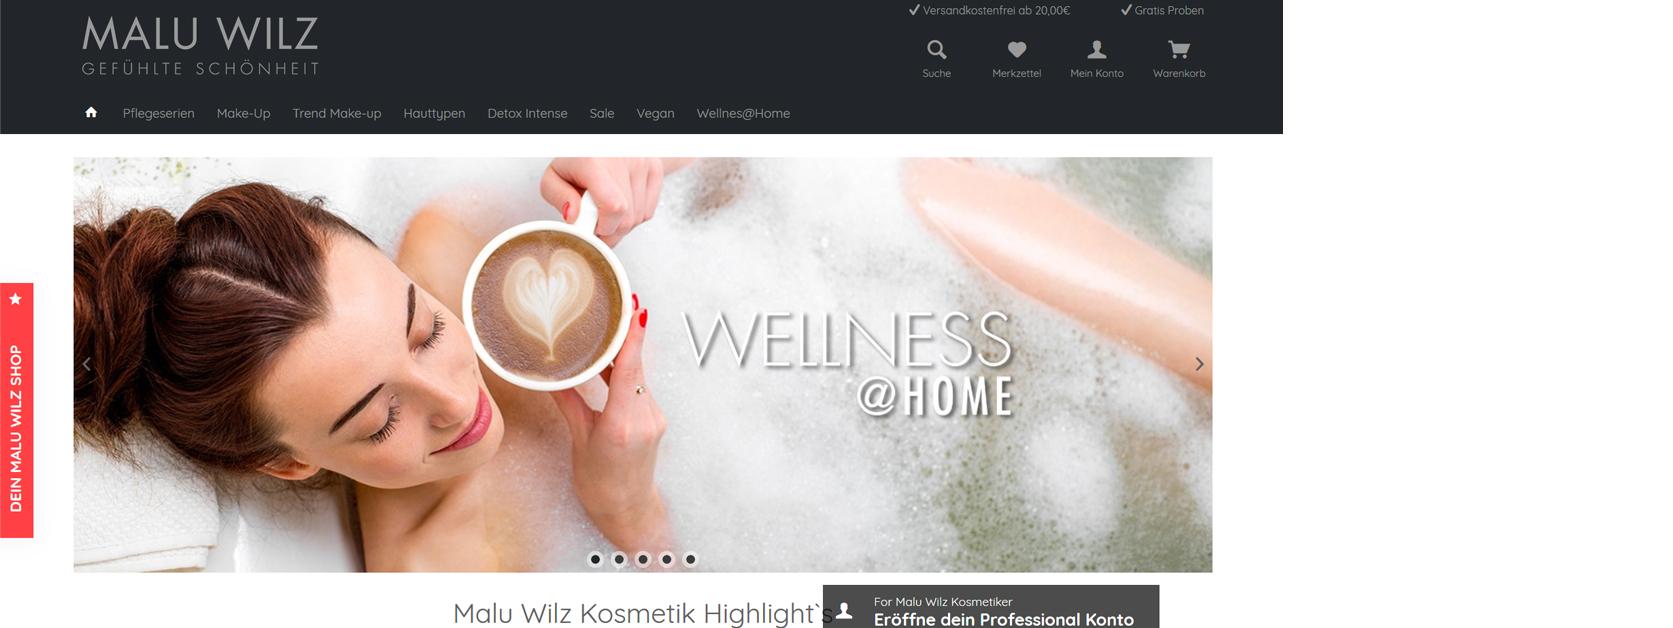 Frau mit Kaffee in Badewanne